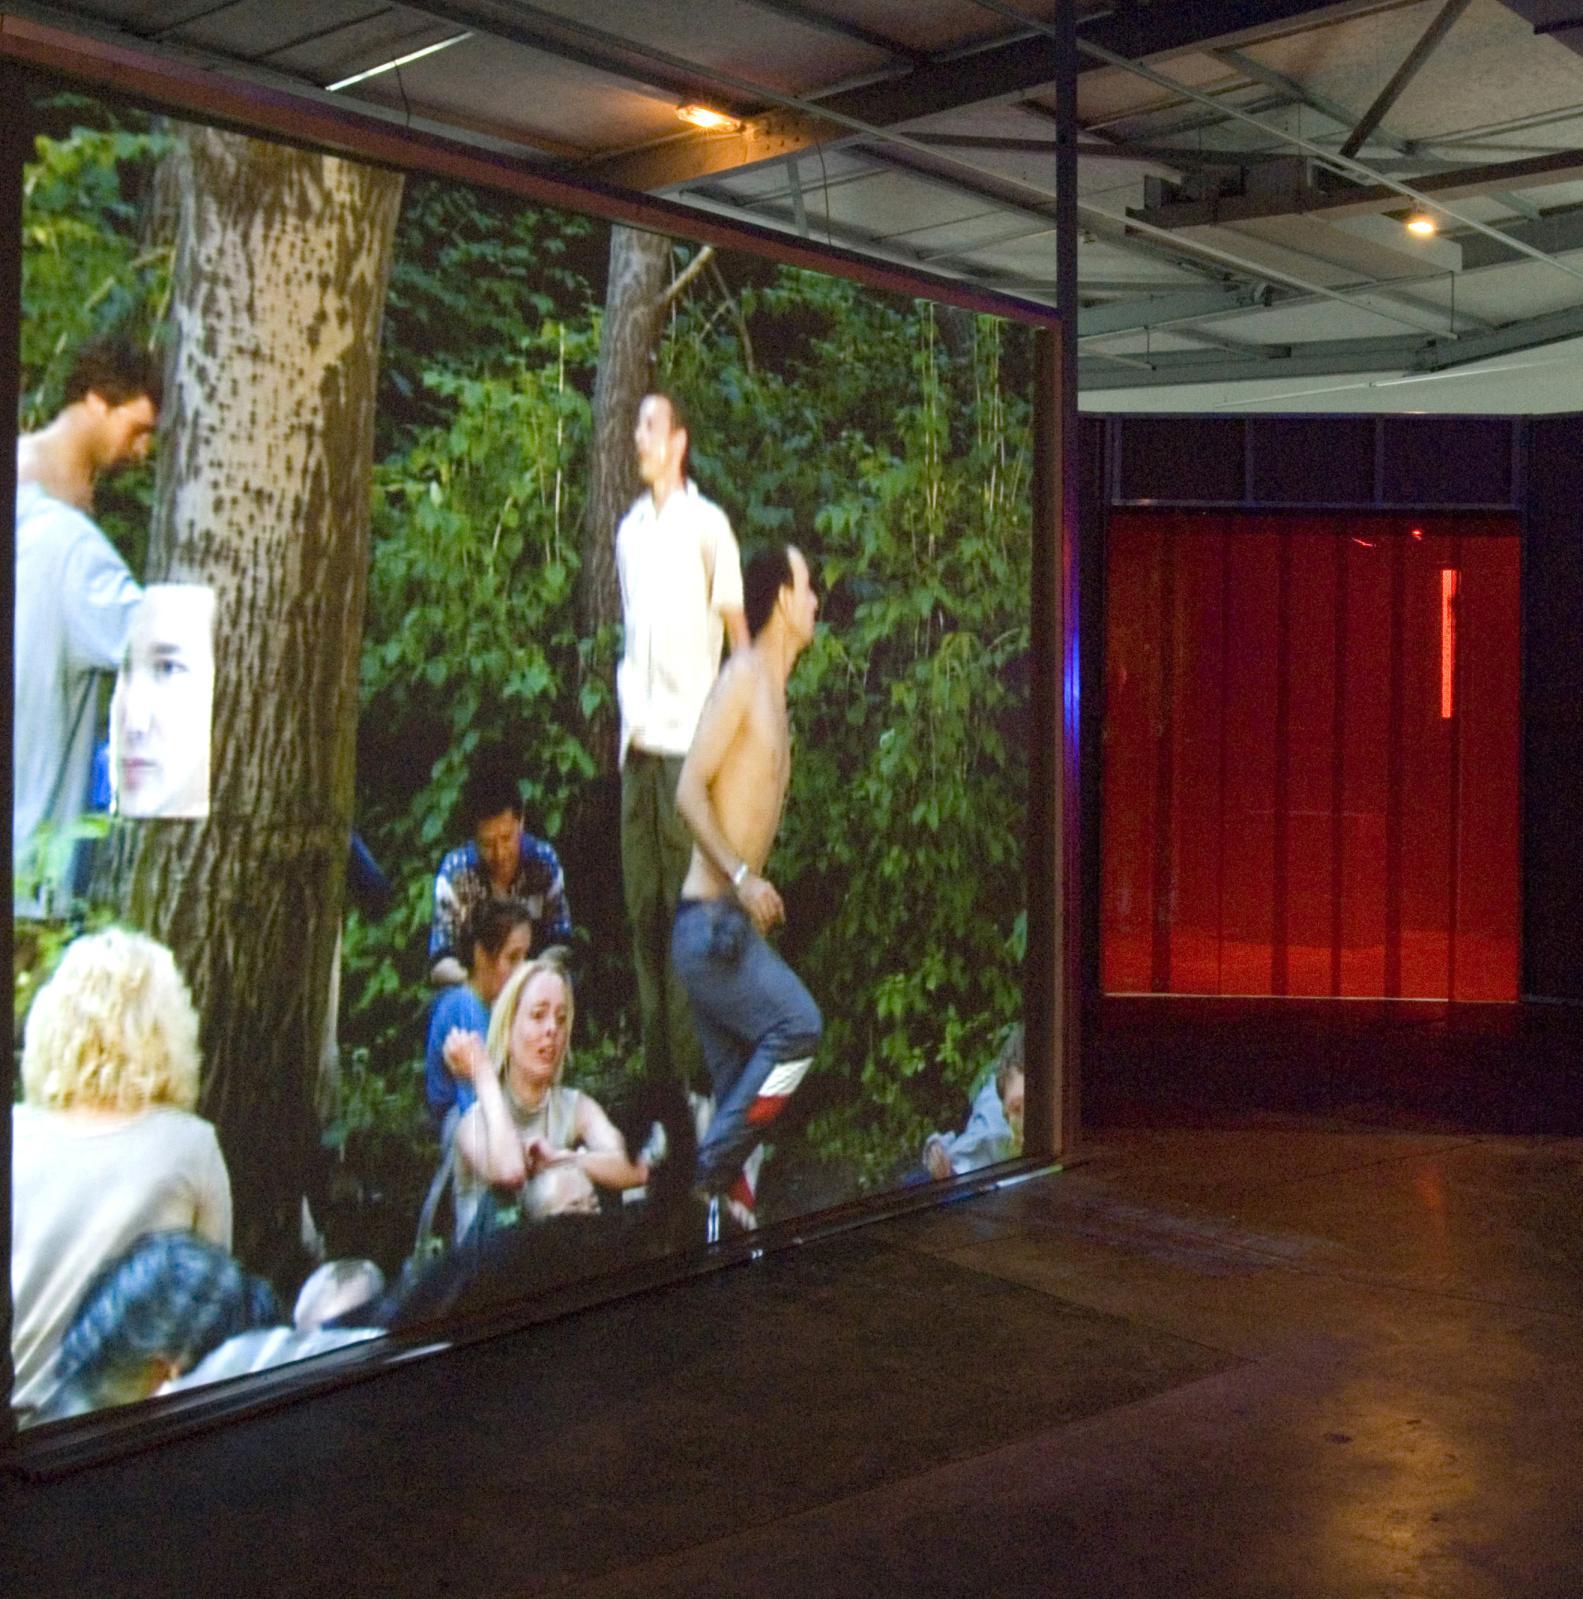 Vue de l'exposition de la collection Lemaître à la Maison rouge, en 2006. Aernout Mik, Park, 2002 20'. Scénographie bureau des Mésarchitectures (Didie